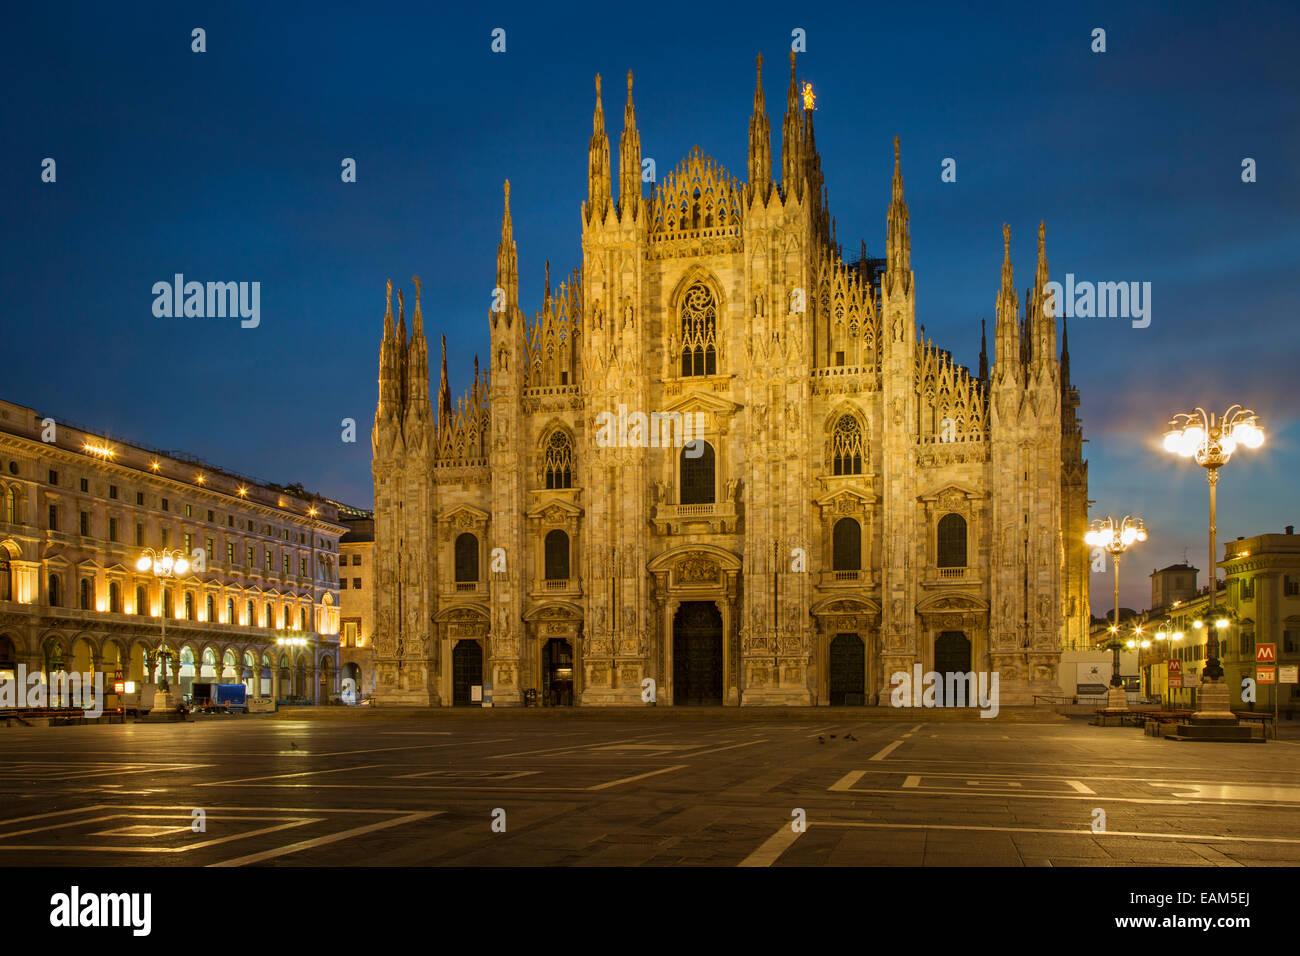 Avant l'aube, la lumière dans la cathédrale de la piazza del Duomo, milan, Lombardie, Italie Photo Stock